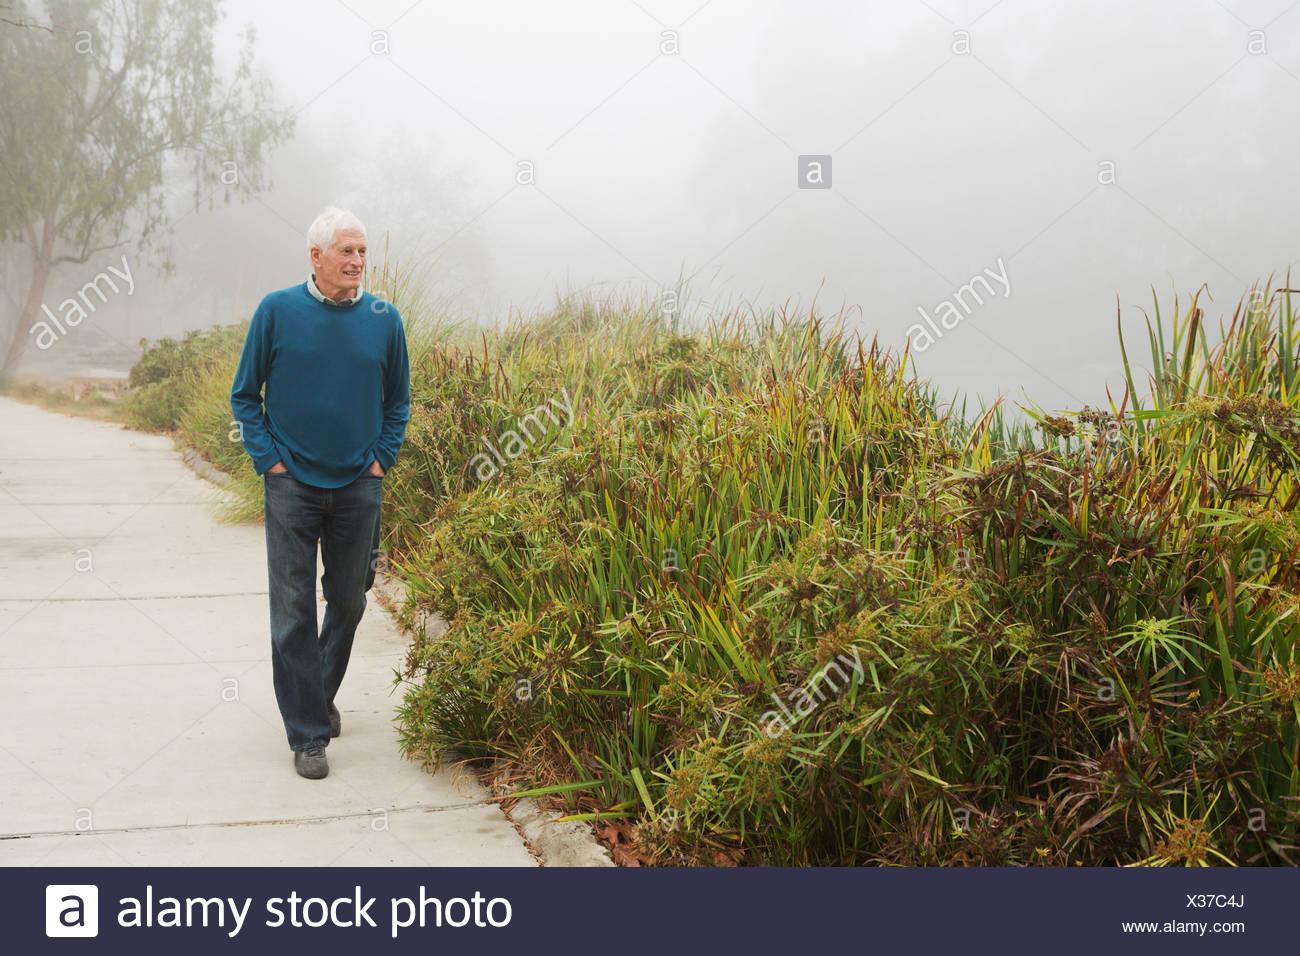 Senior woman Spaziergang im park Stockbild